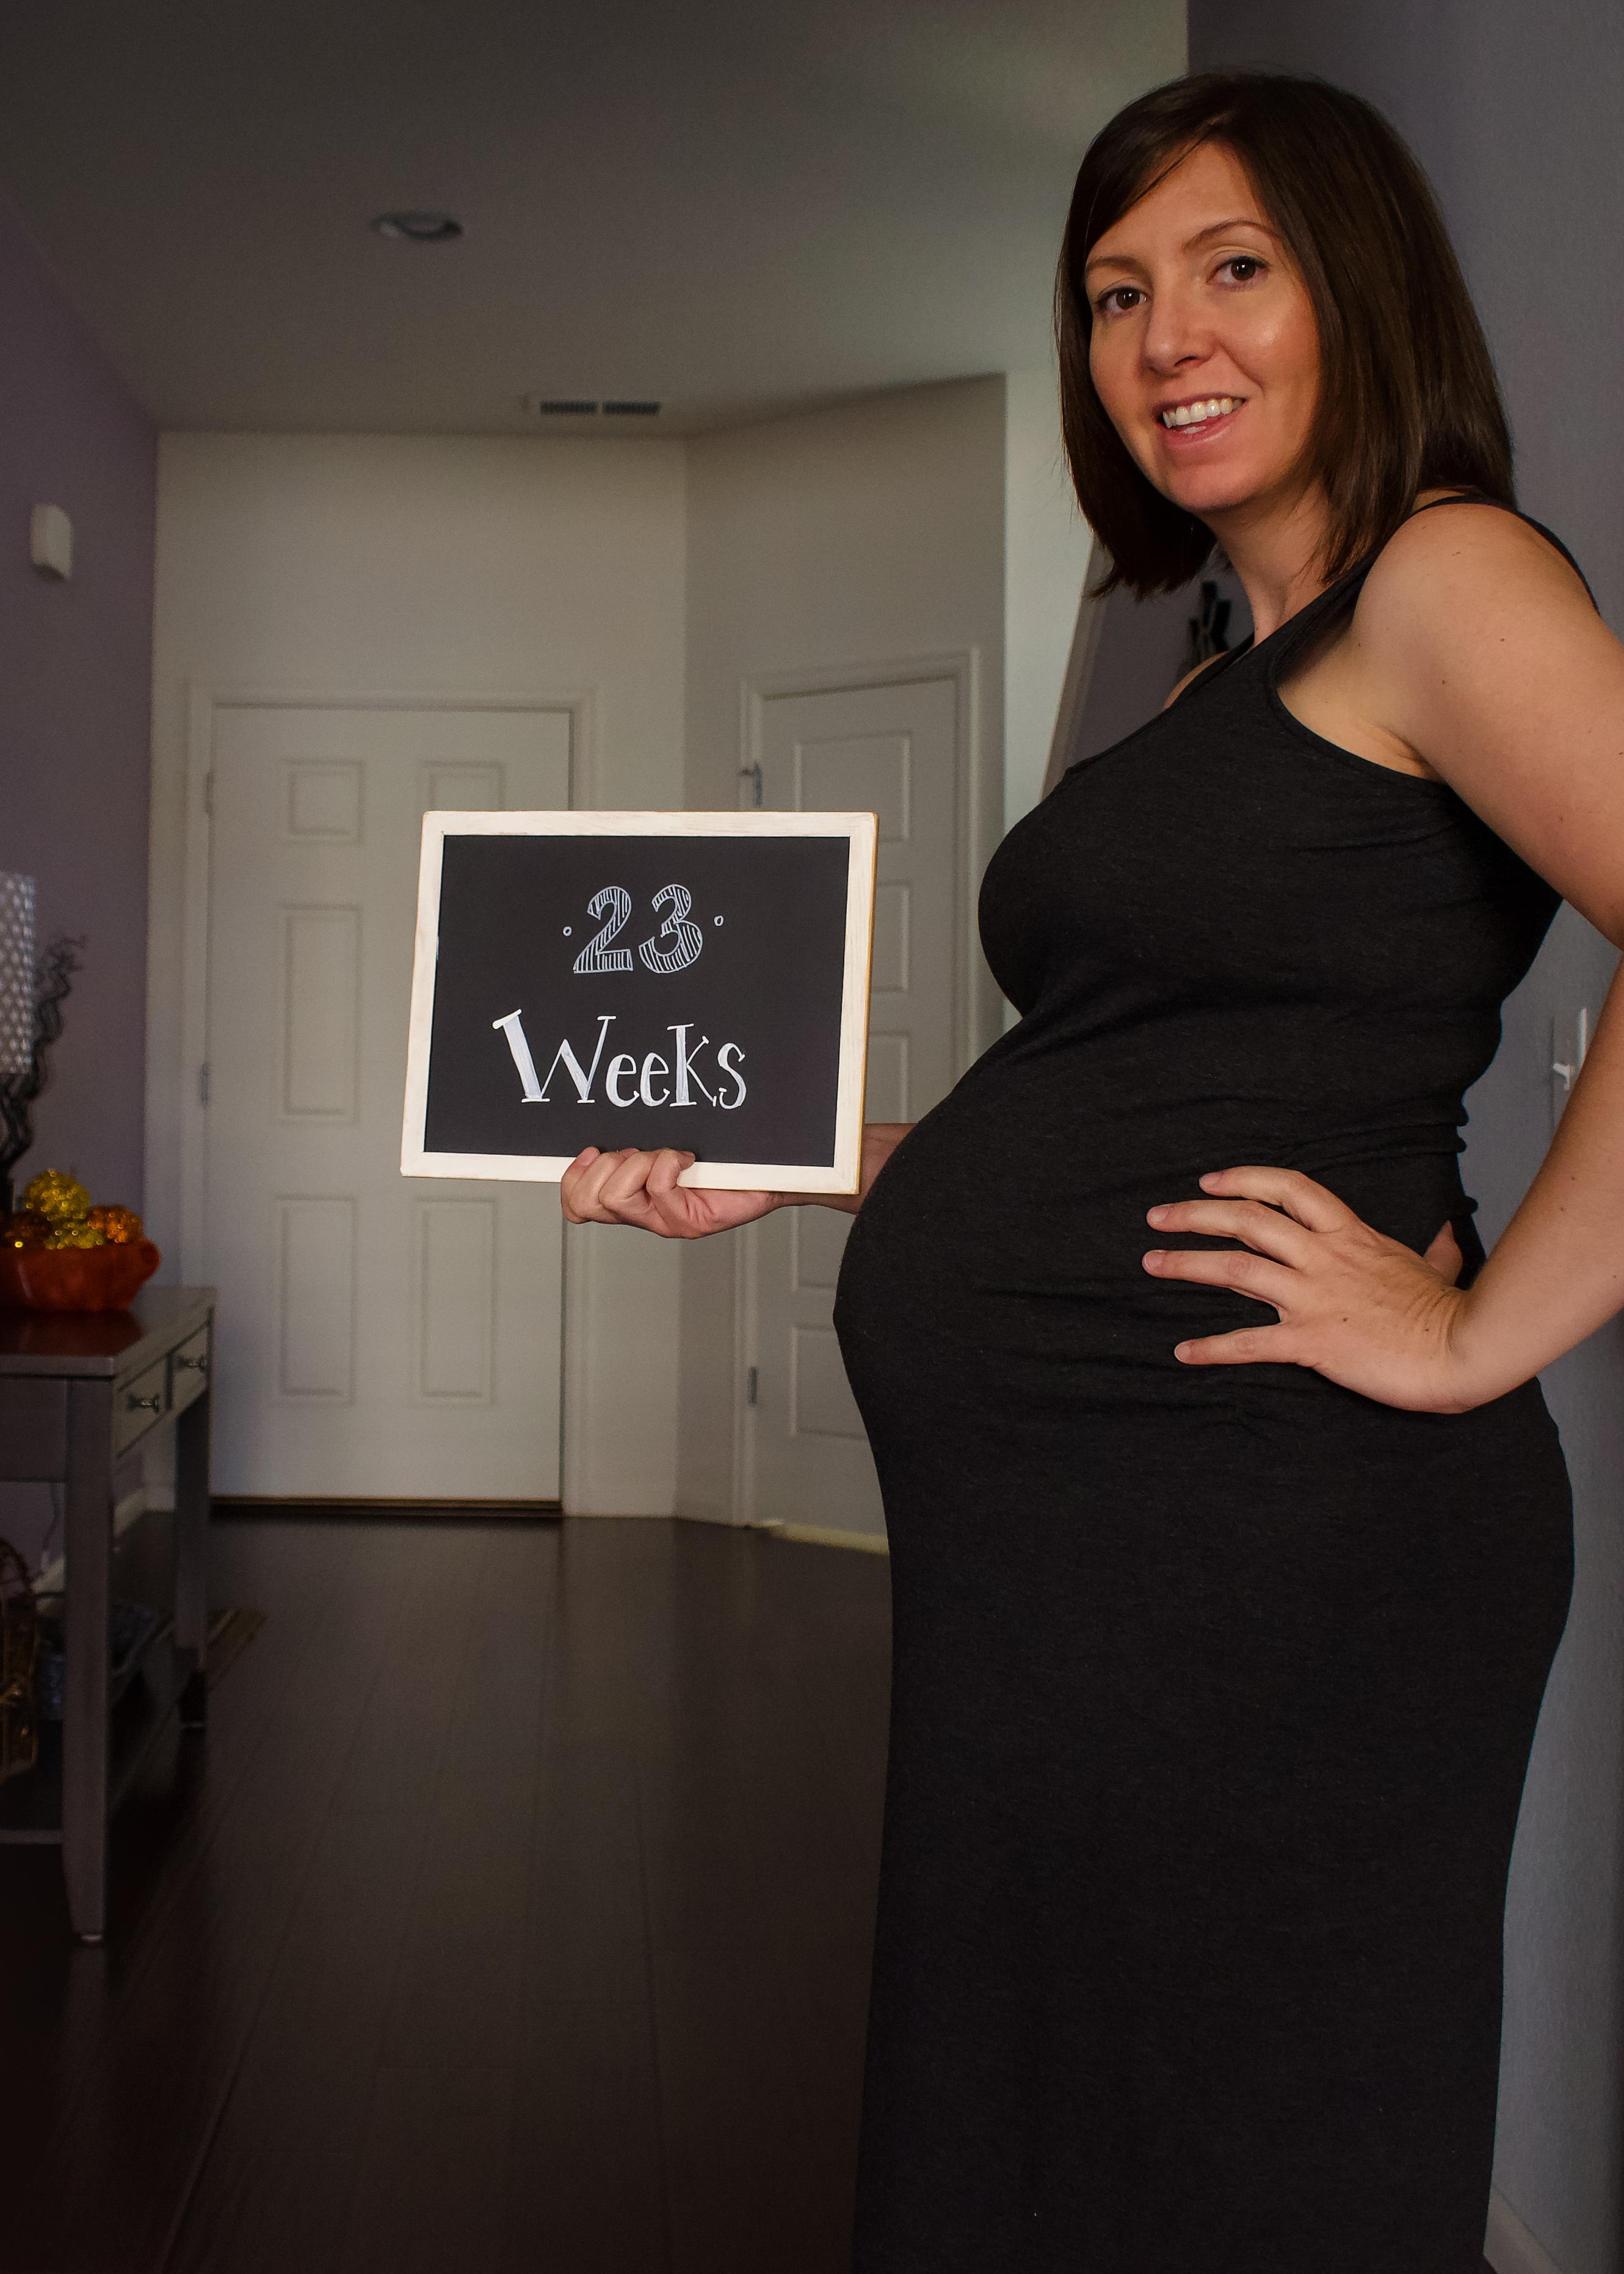 23 weeks pregnant